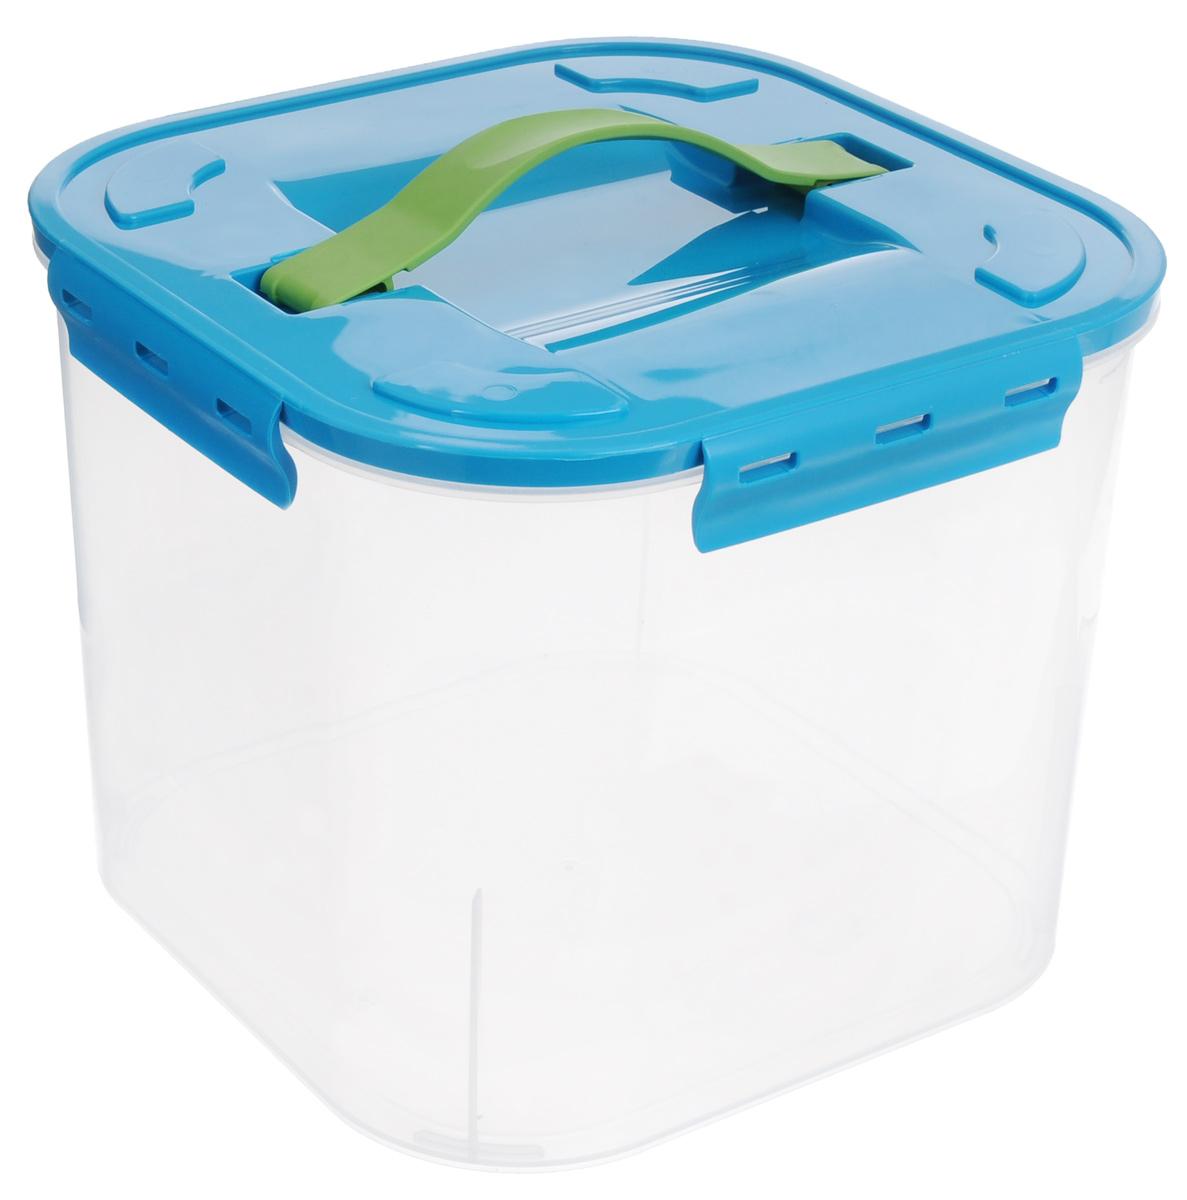 Контейнер для хранения Idea, цвет: бирюзовый, прозрачный, 7 л1004900000360Контейнер для хранения Idea выполнен из прозрачного пластика. Контейнер идеально подойдет для хранения пищевых продуктов, а также любых мелких бытовых предметов: канцелярии, принадлежностей для шитья и многого другого. Контейнер плотно закрывается цветной крышкой с 4 защелками. Для удобства переноски сверху имеется ручка, выполненная из термоэластопласта. Контейнер Idea очень вместителен, он пригодится в любом хозяйстве.